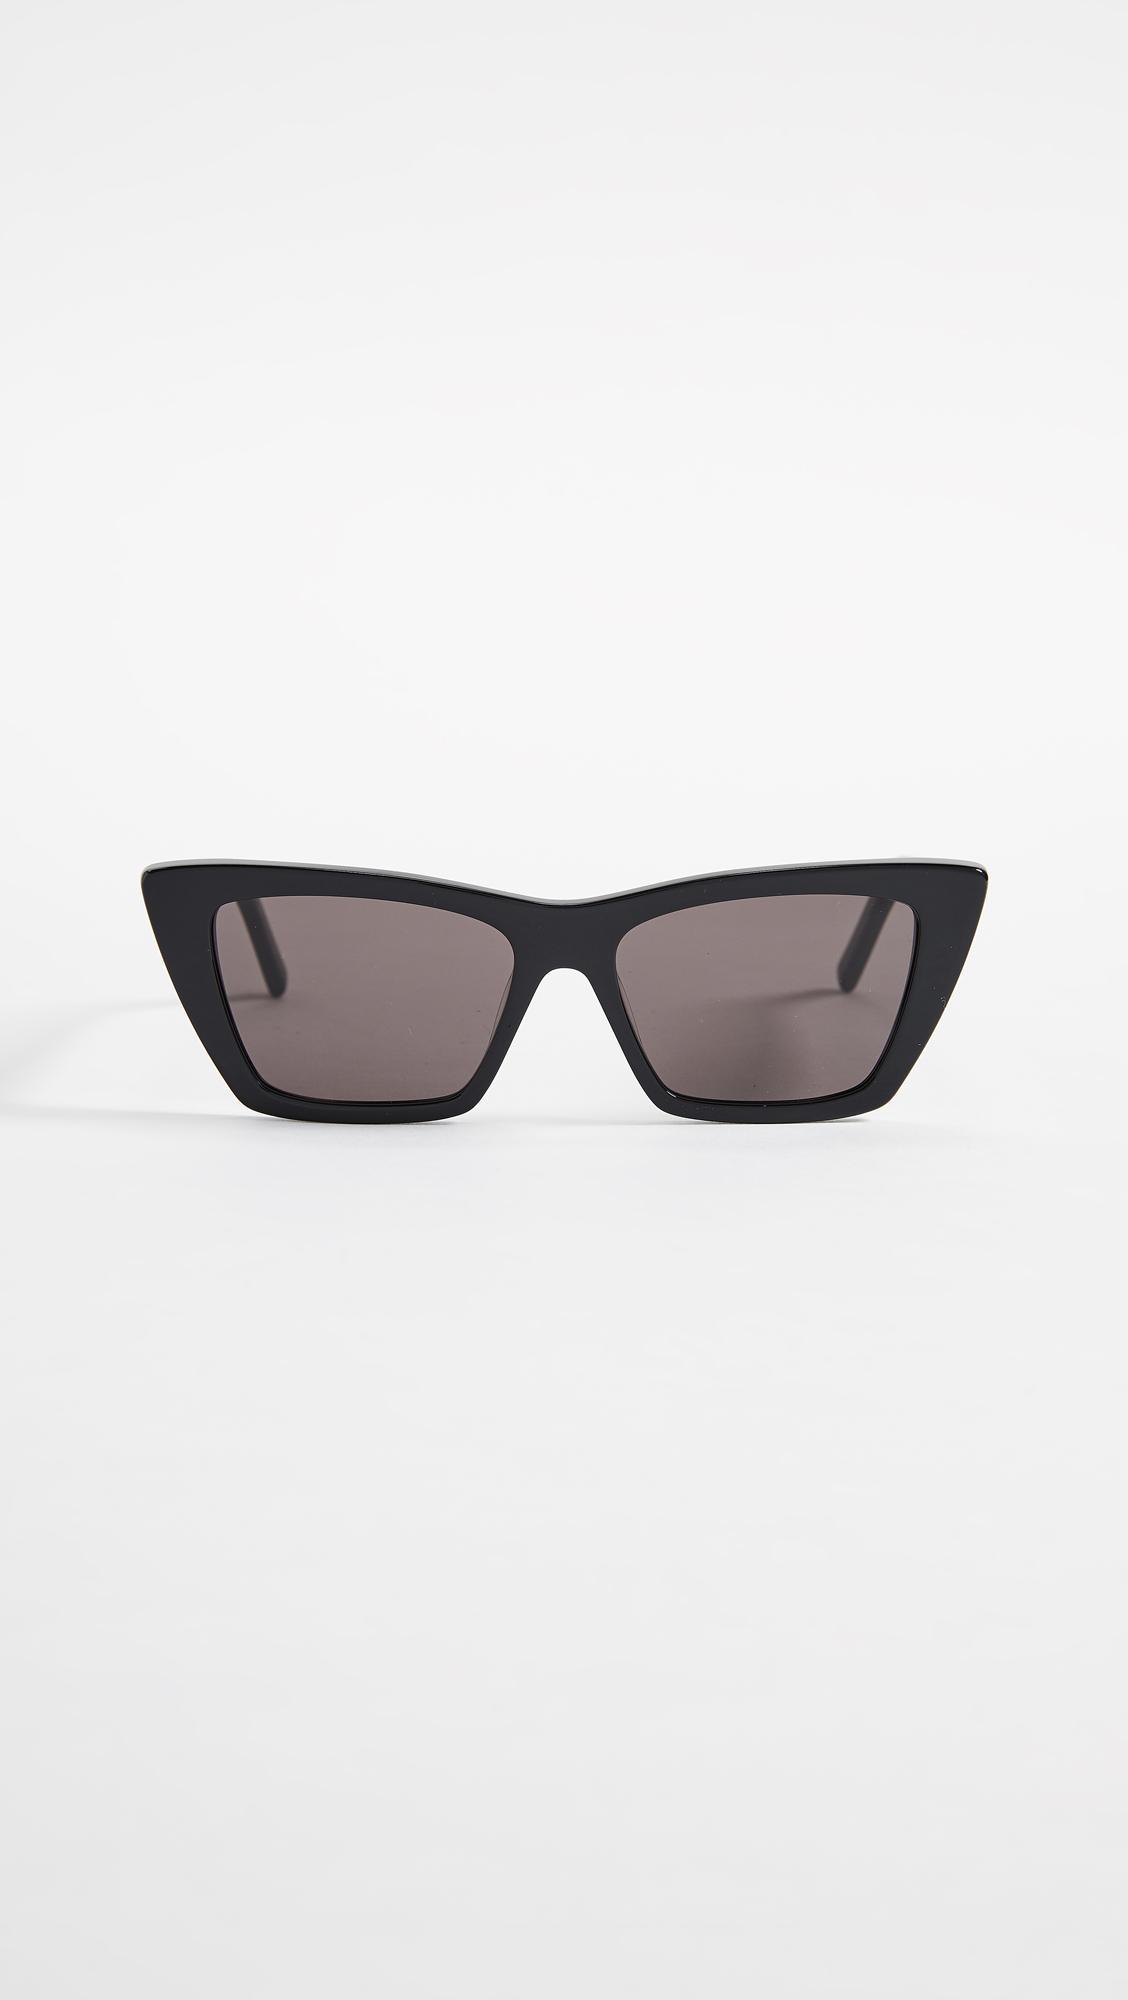 a46f38b837 Saint Laurent. Women s Narrow Cat Eye Sunglasses